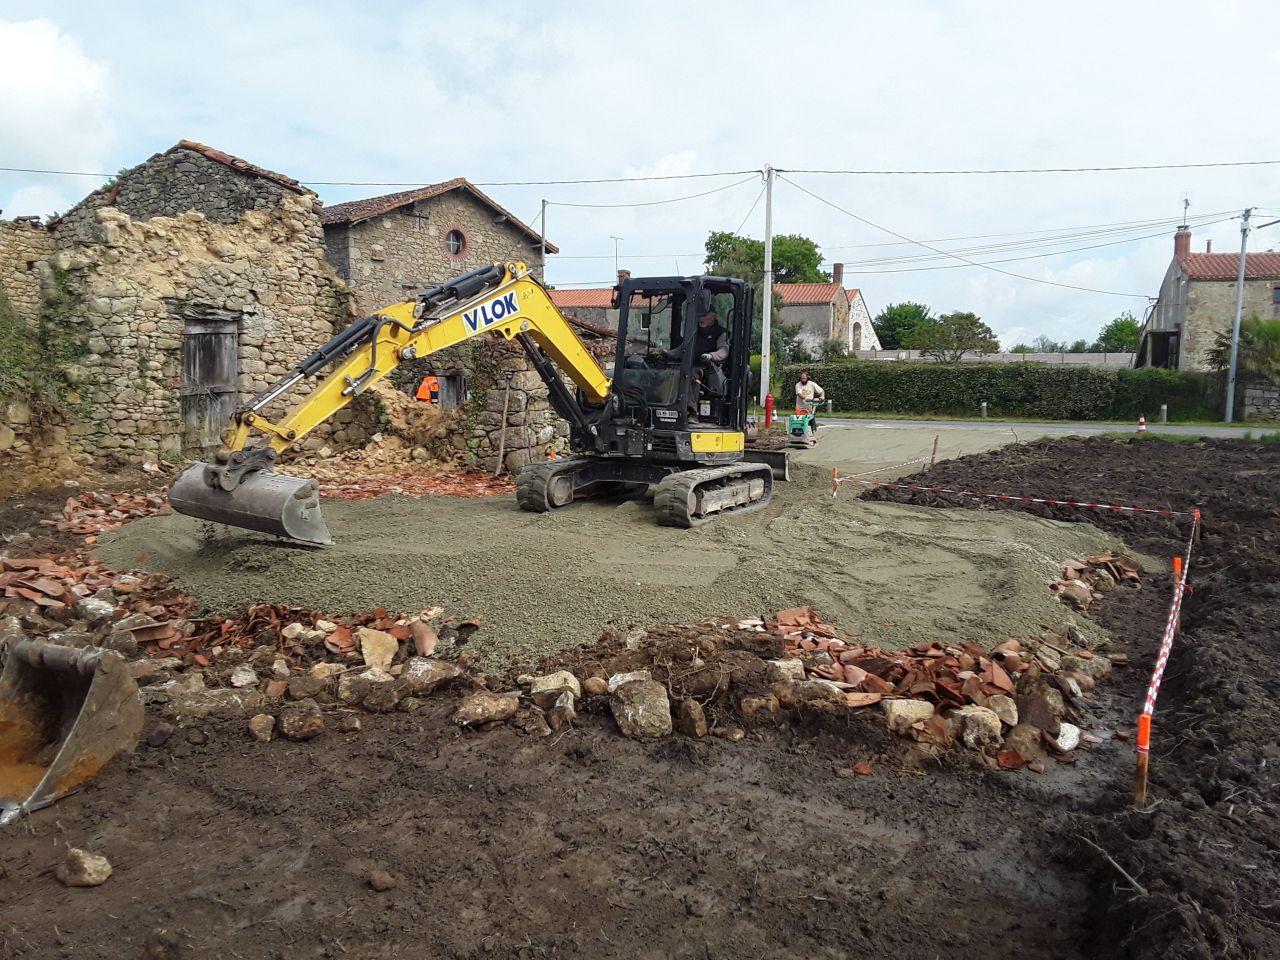 Création du chemin d'accès et de la zone parking - <br /> Mise en place du début de la zone parking le reste sera fini avec les gravas de démolition